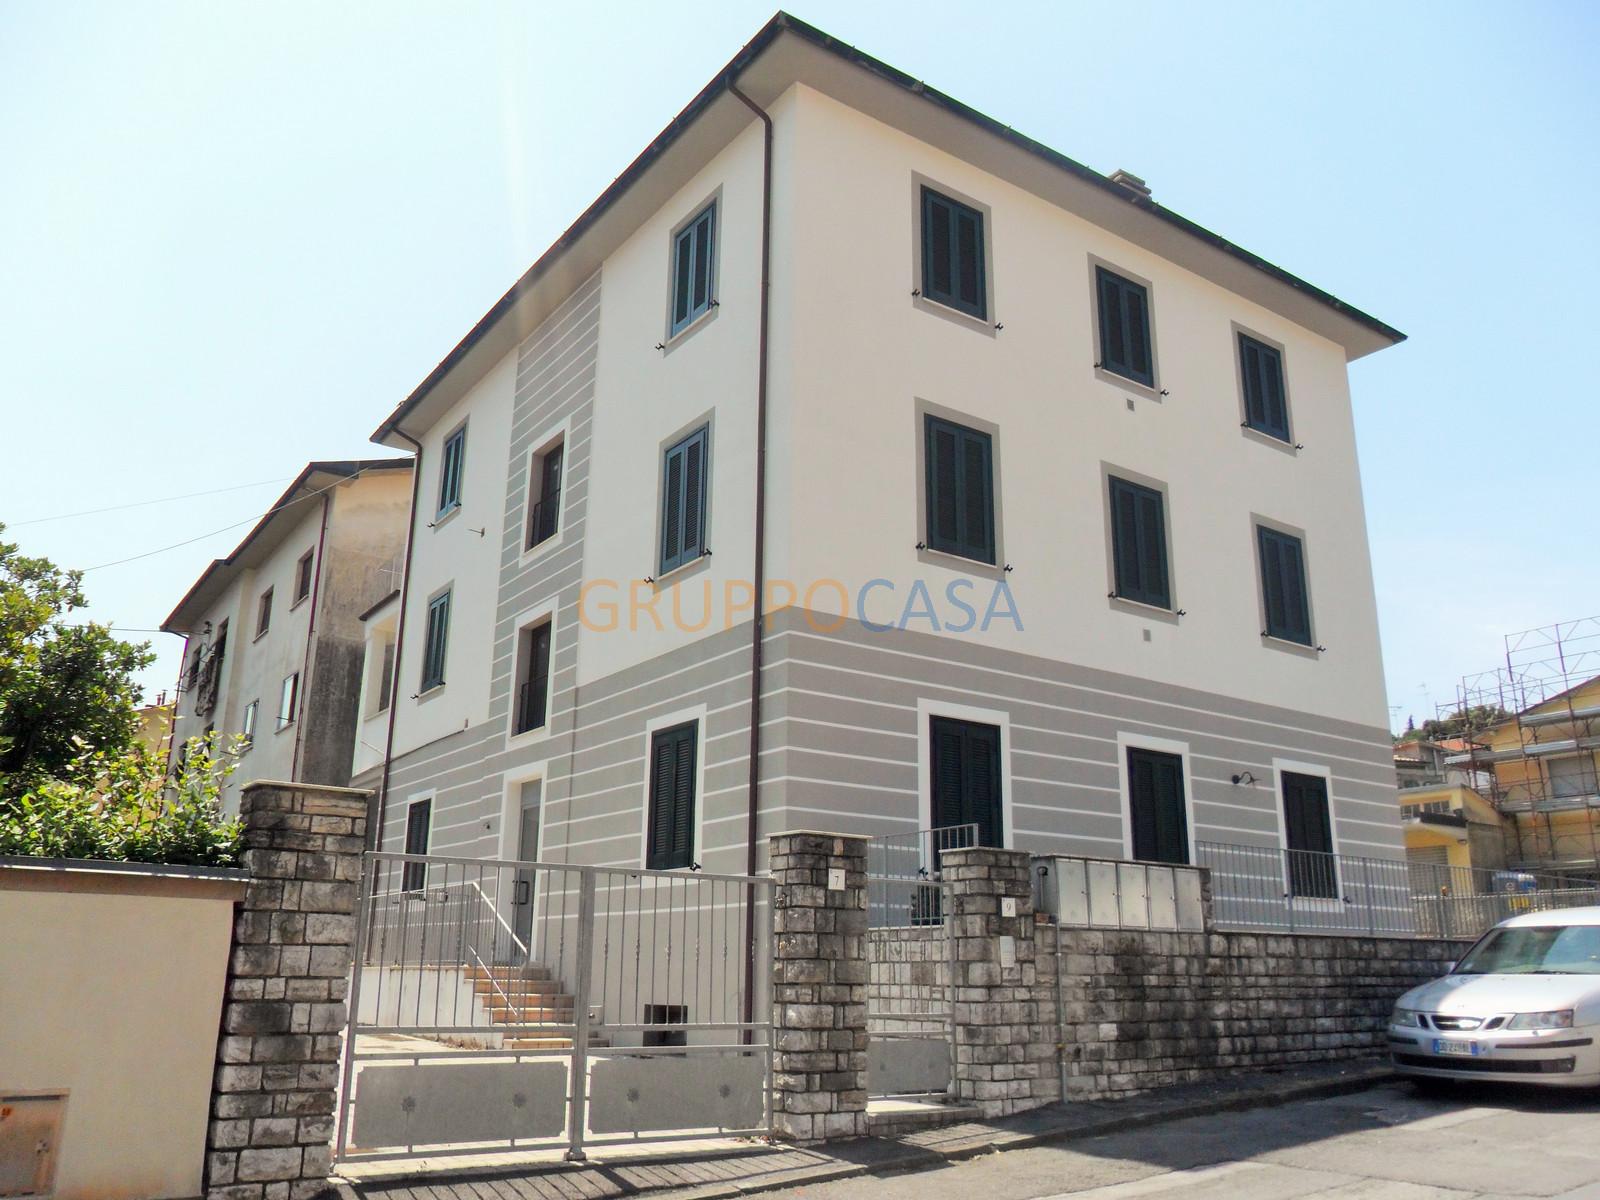 Palazzo / Stabile in vendita a Pescia, 12 locali, zona Località: Centro, prezzo € 530.000 | Cambio Casa.it